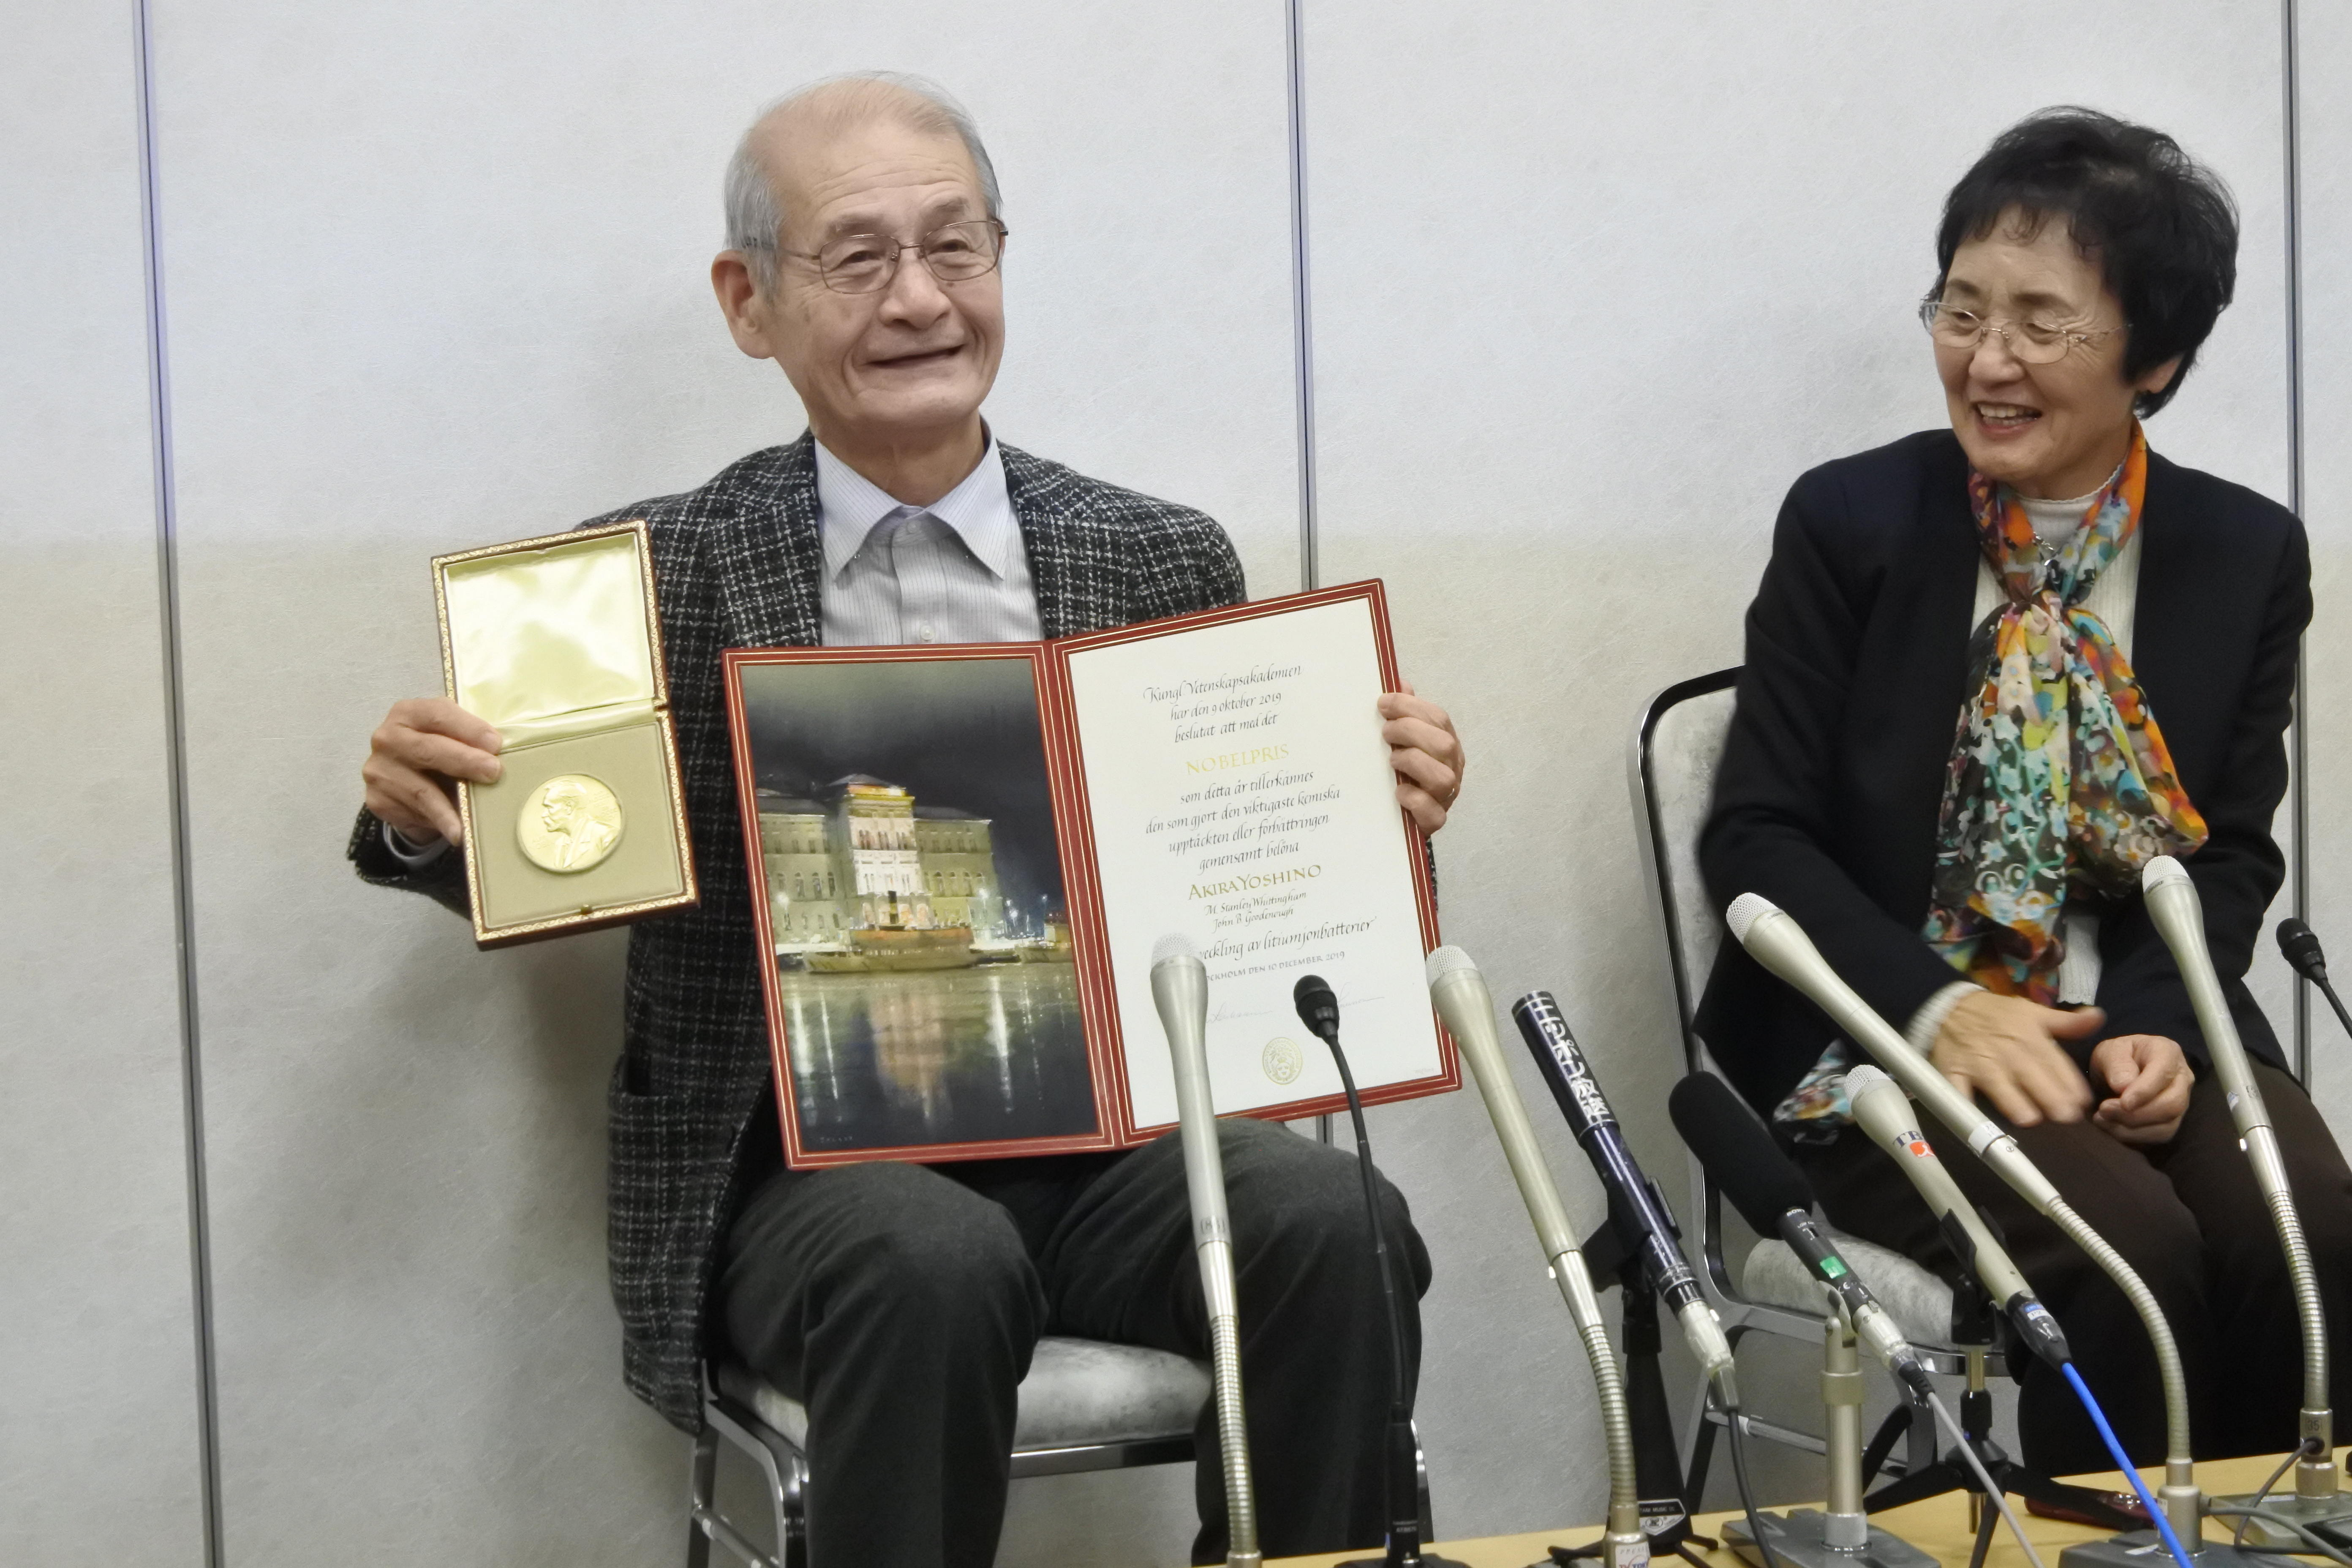 メダルと賞状を披露する吉野教授(左)と久美子夫人 ©®The Nobel Foundation